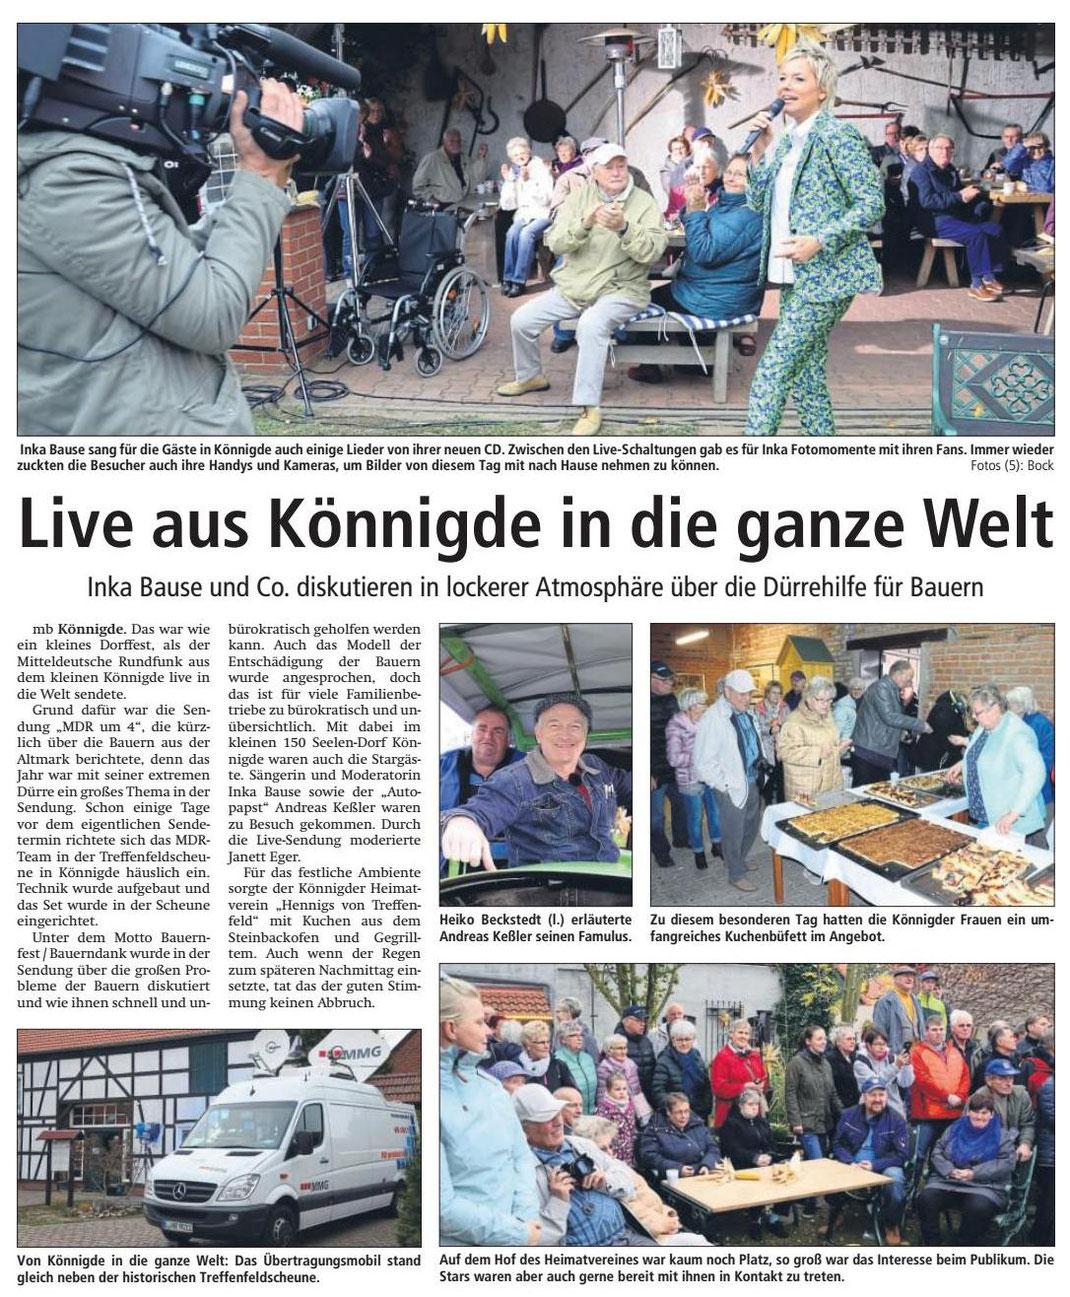 Altmark-Zeitung vom 06.11.2018, von Maik Bock